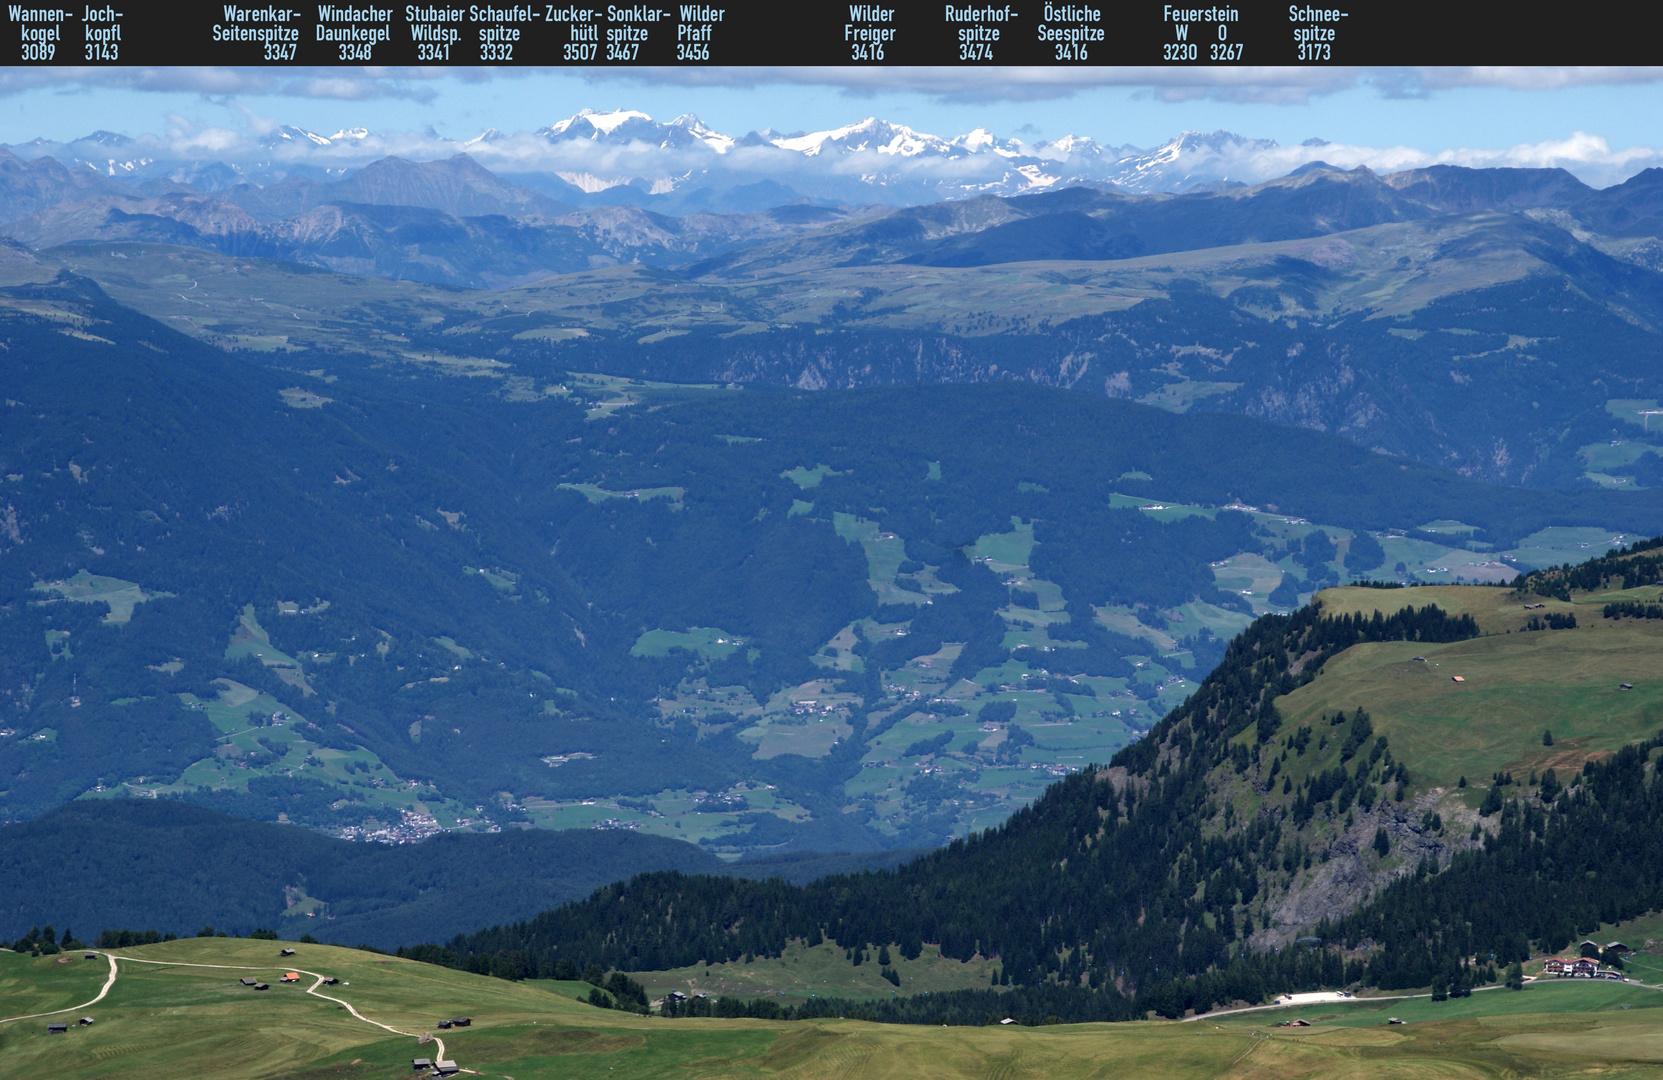 Südtirol: Blick von Schlernhochfläche auf die Stubaier Alpen